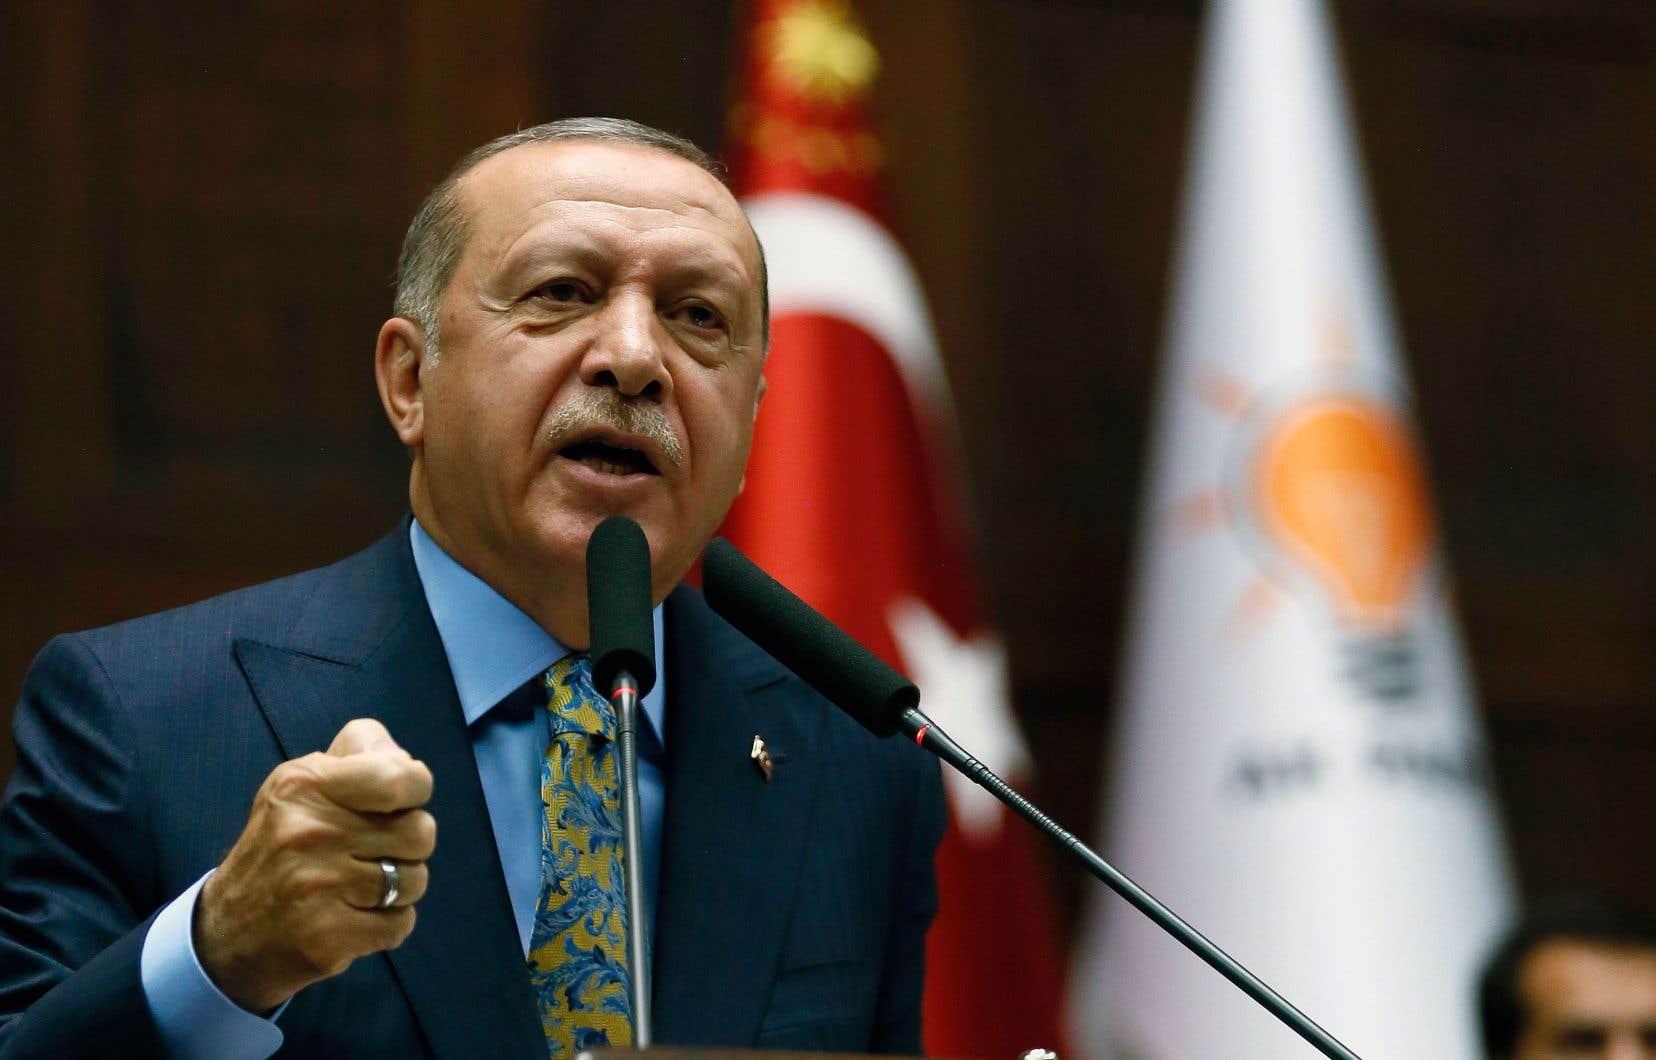 Le président de la Turquie, Recep Tayyip Erdogan, a répété à l'envi ce que clament les médias et les chancelleries du monde, soit que M. Khashoggi a été «sauvagement assassiné» par un escadron de 15 tueurs d'État dépêchés de Riyad.